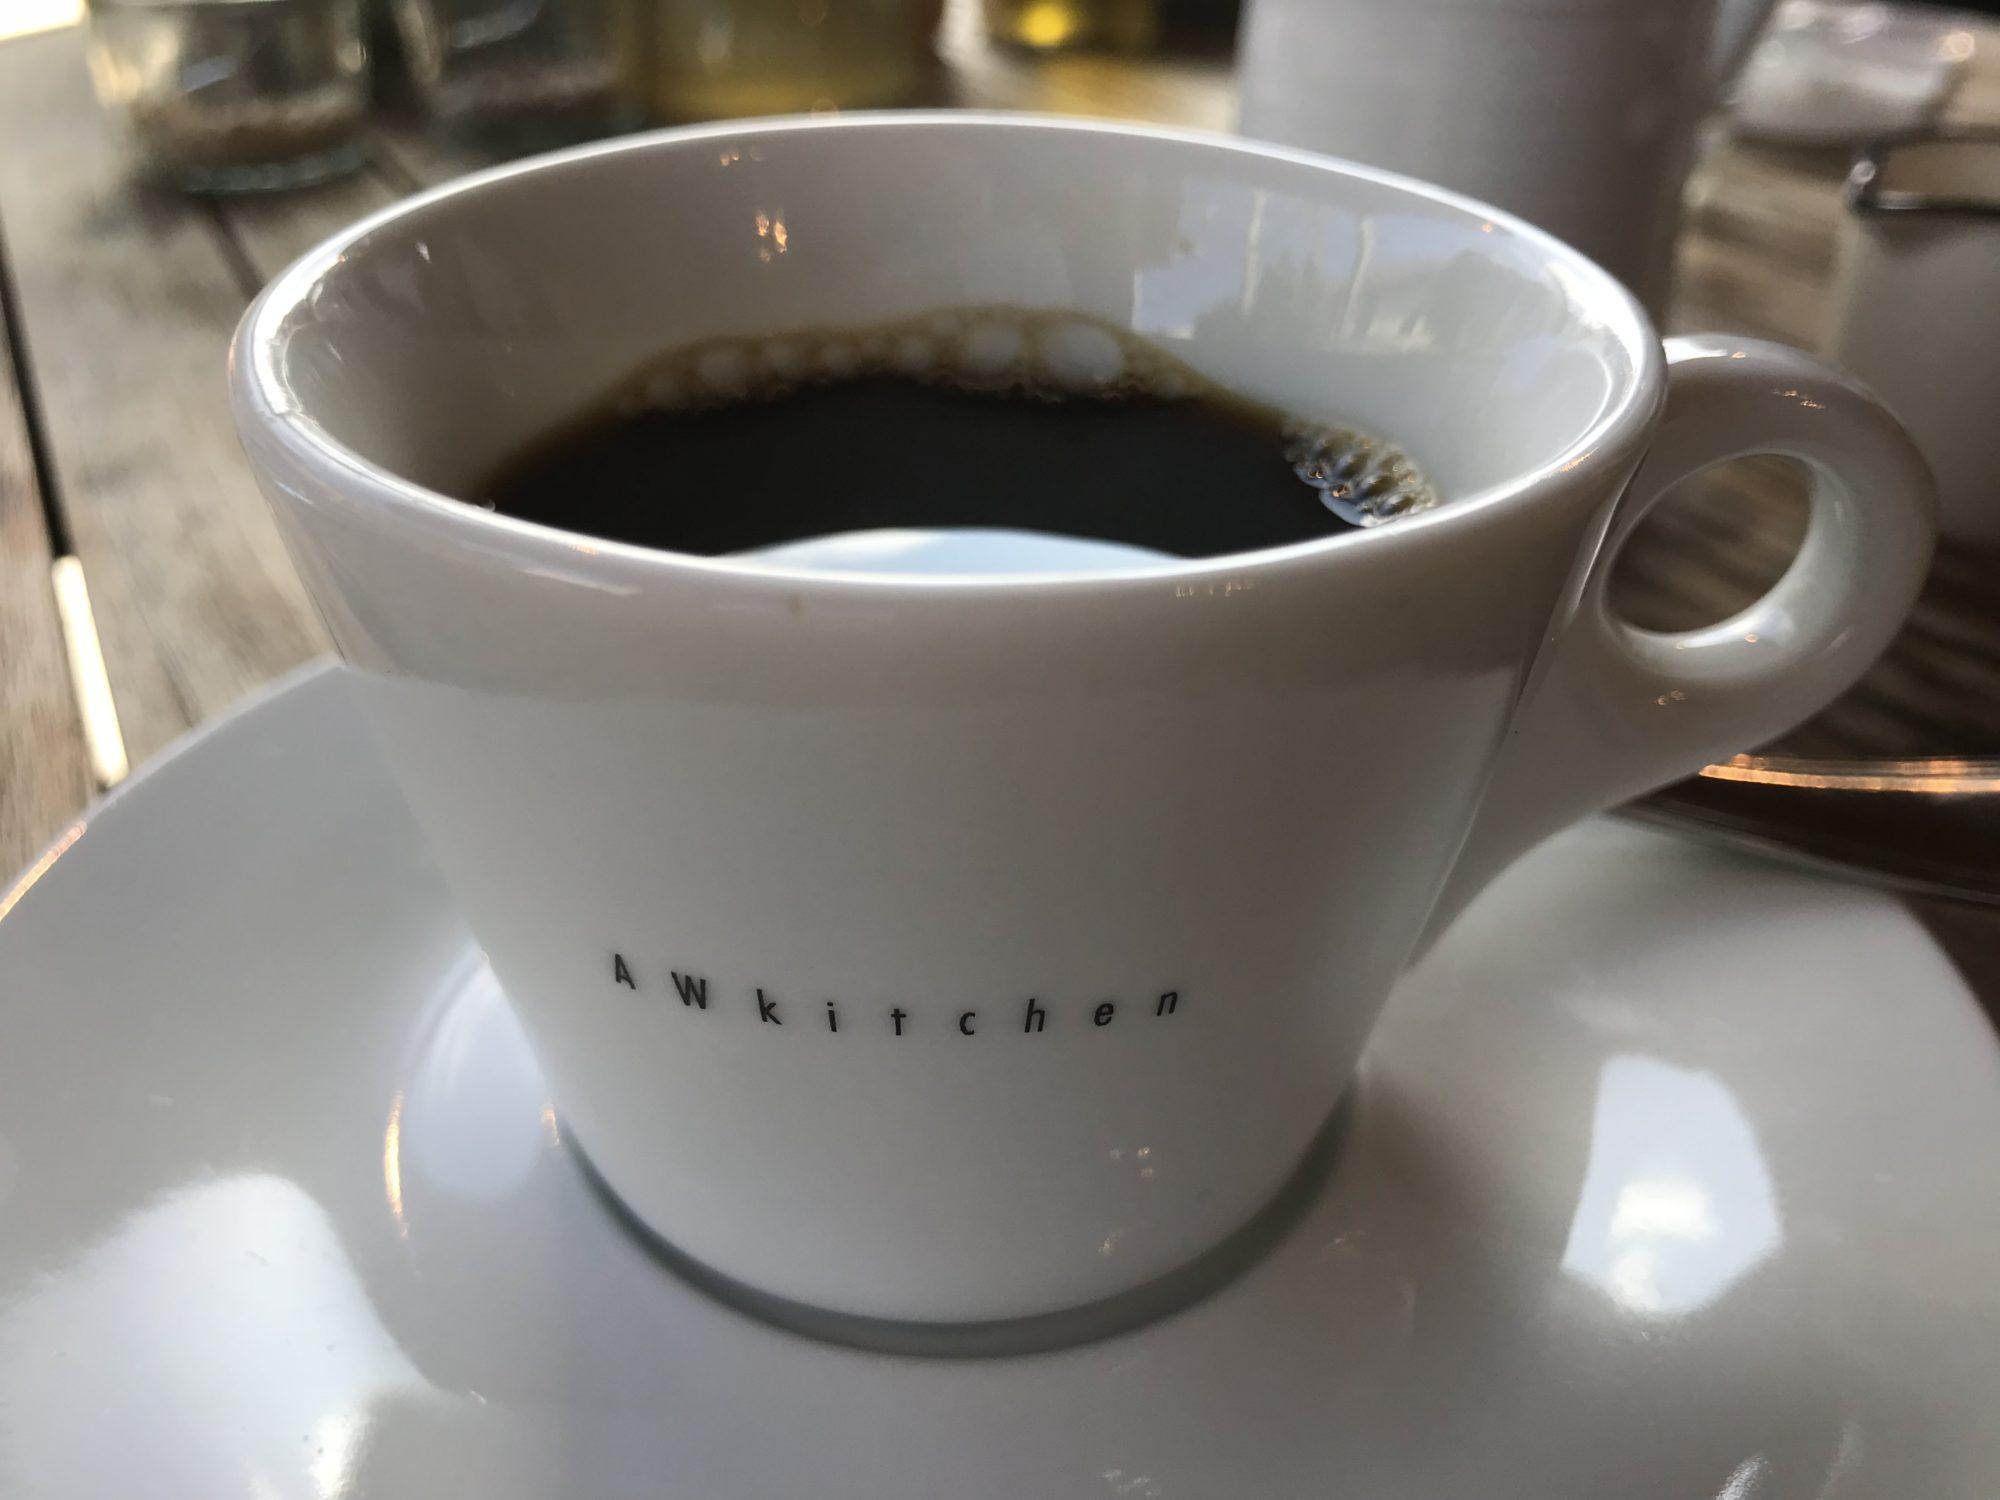 AWkitchen GARDENコーヒー